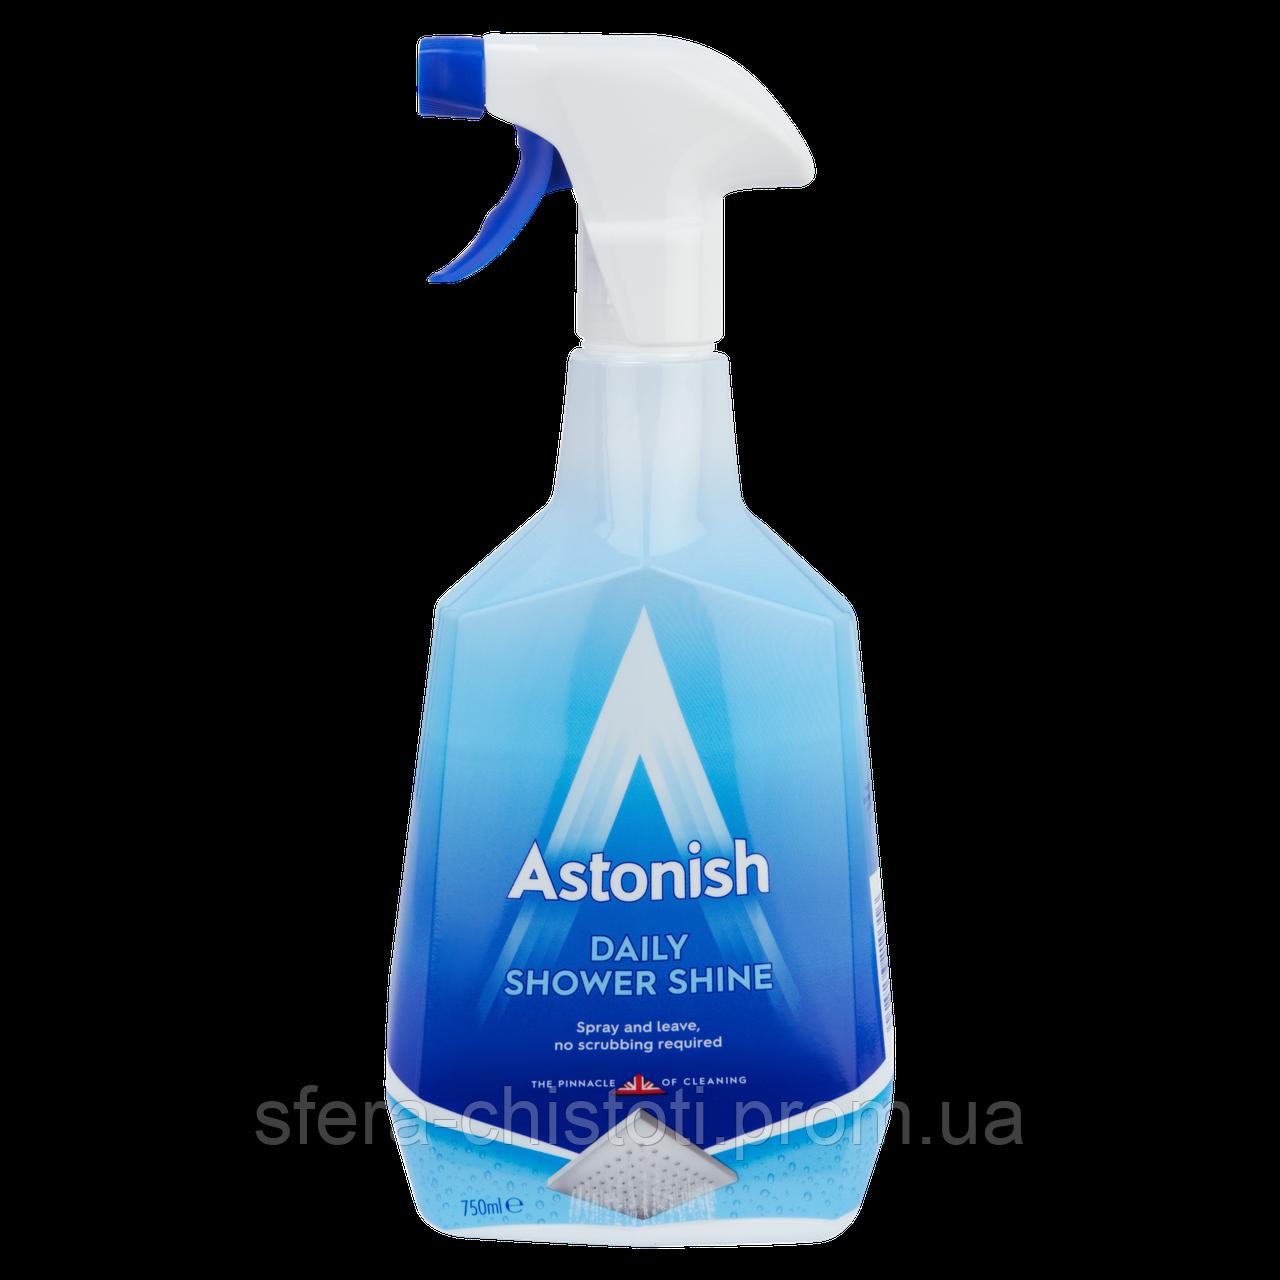 Средство для чистки душевых кабин ASTONISH Shower Cleaner, 750 мл